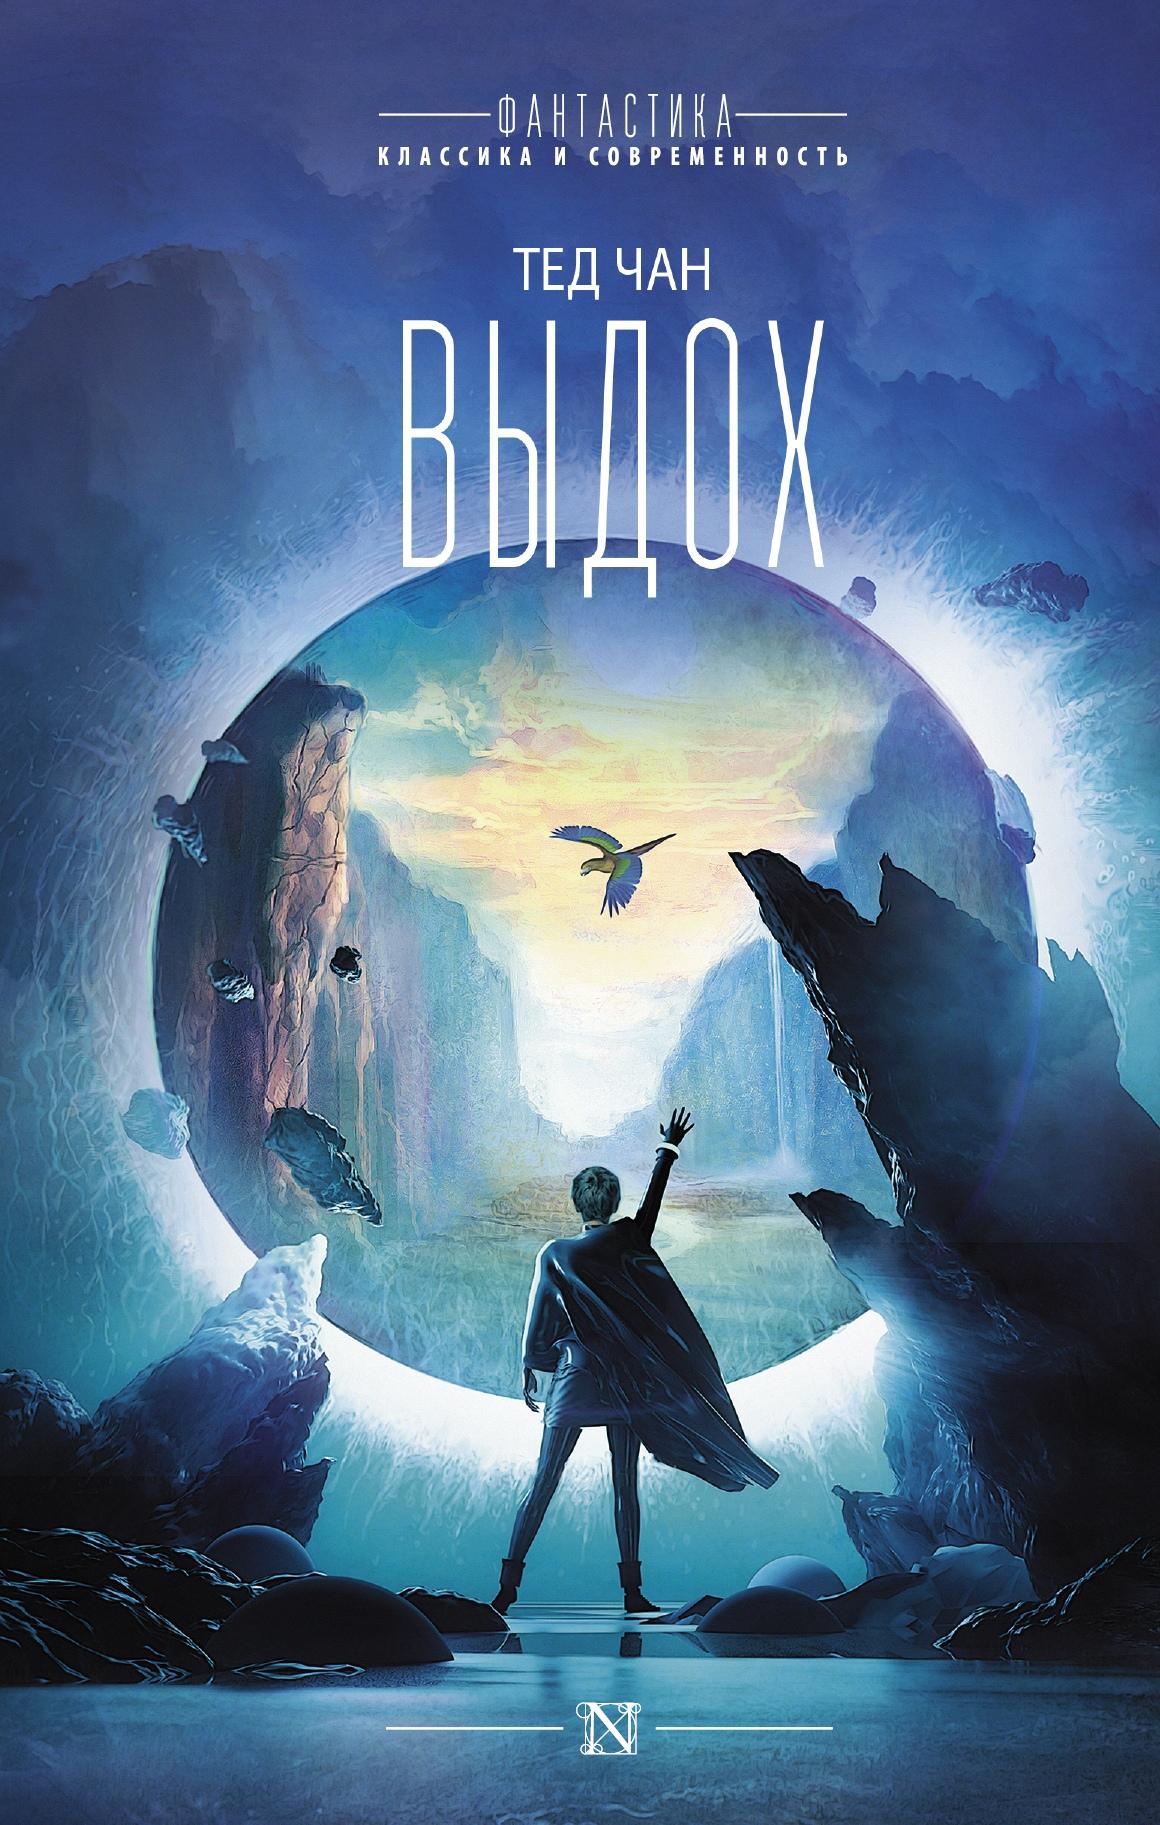 Что почитать: переиздание «Барраяра» Буджолд и сборник рассказов Теда Чана 4